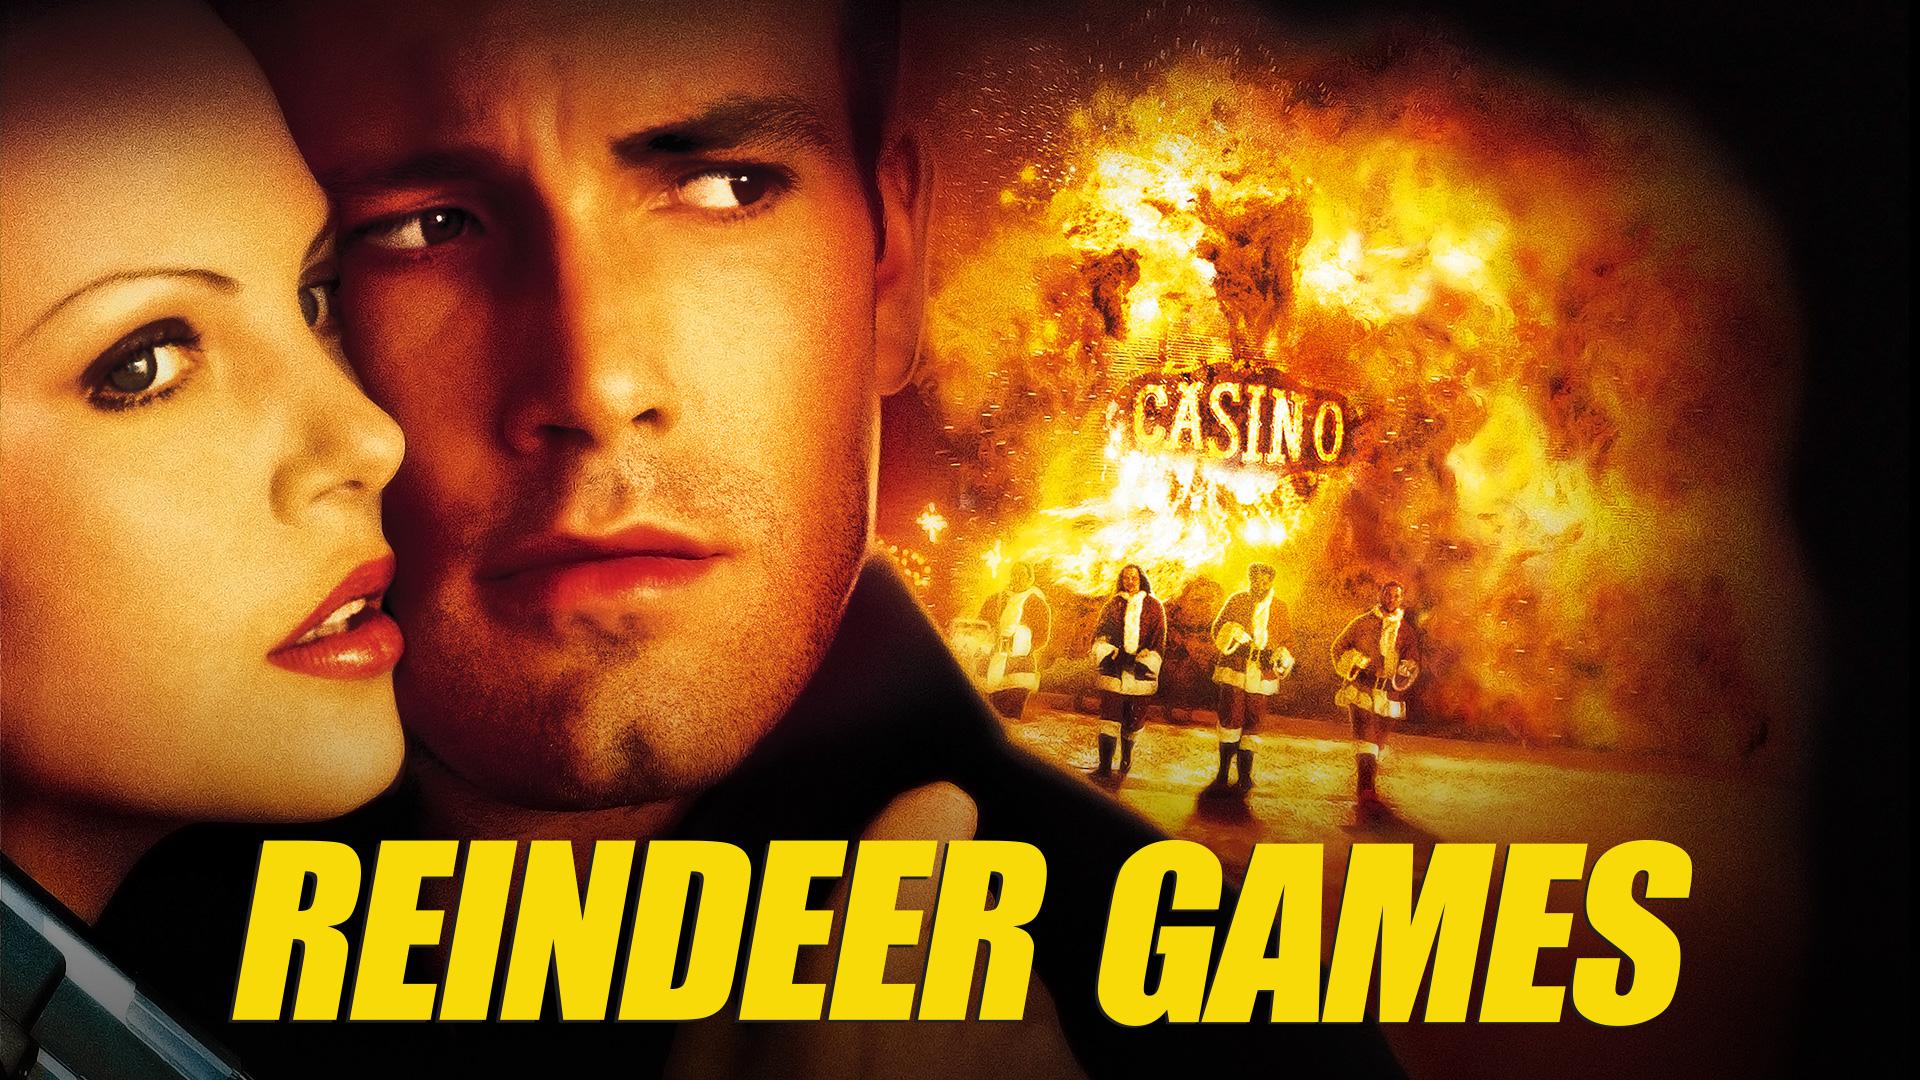 Reindeer Games - Spoilers and Bloopers - IMDb